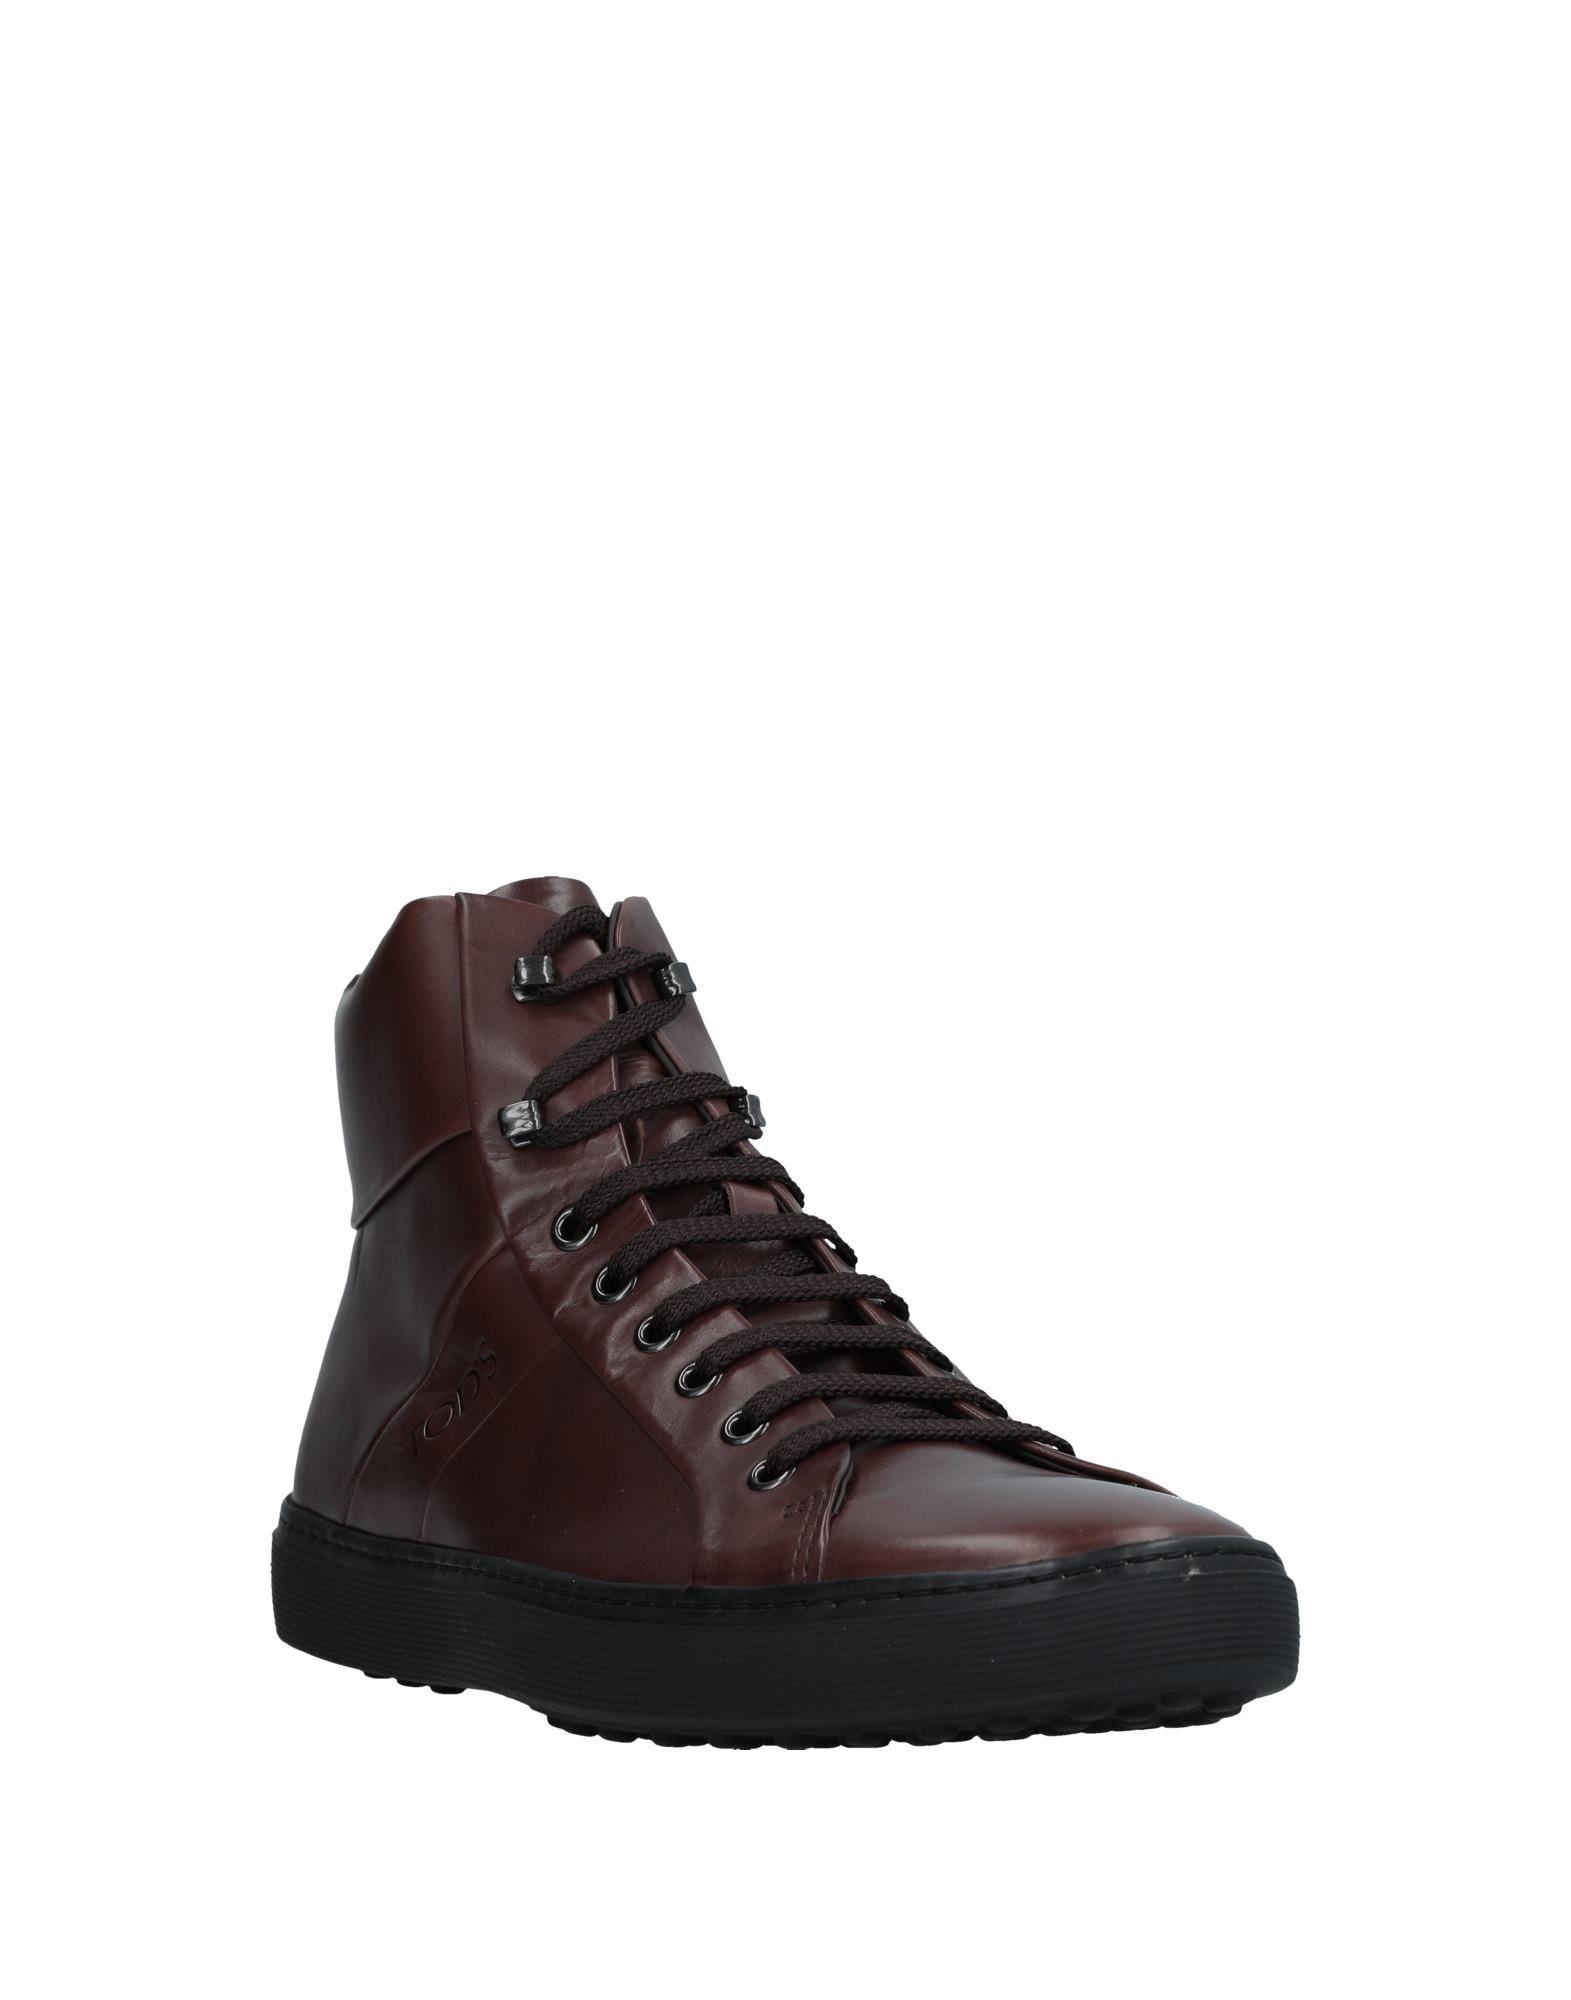 Tod's Sneakers Herren Qualität  11520404OO Gute Qualität Herren beliebte Schuhe 973e80